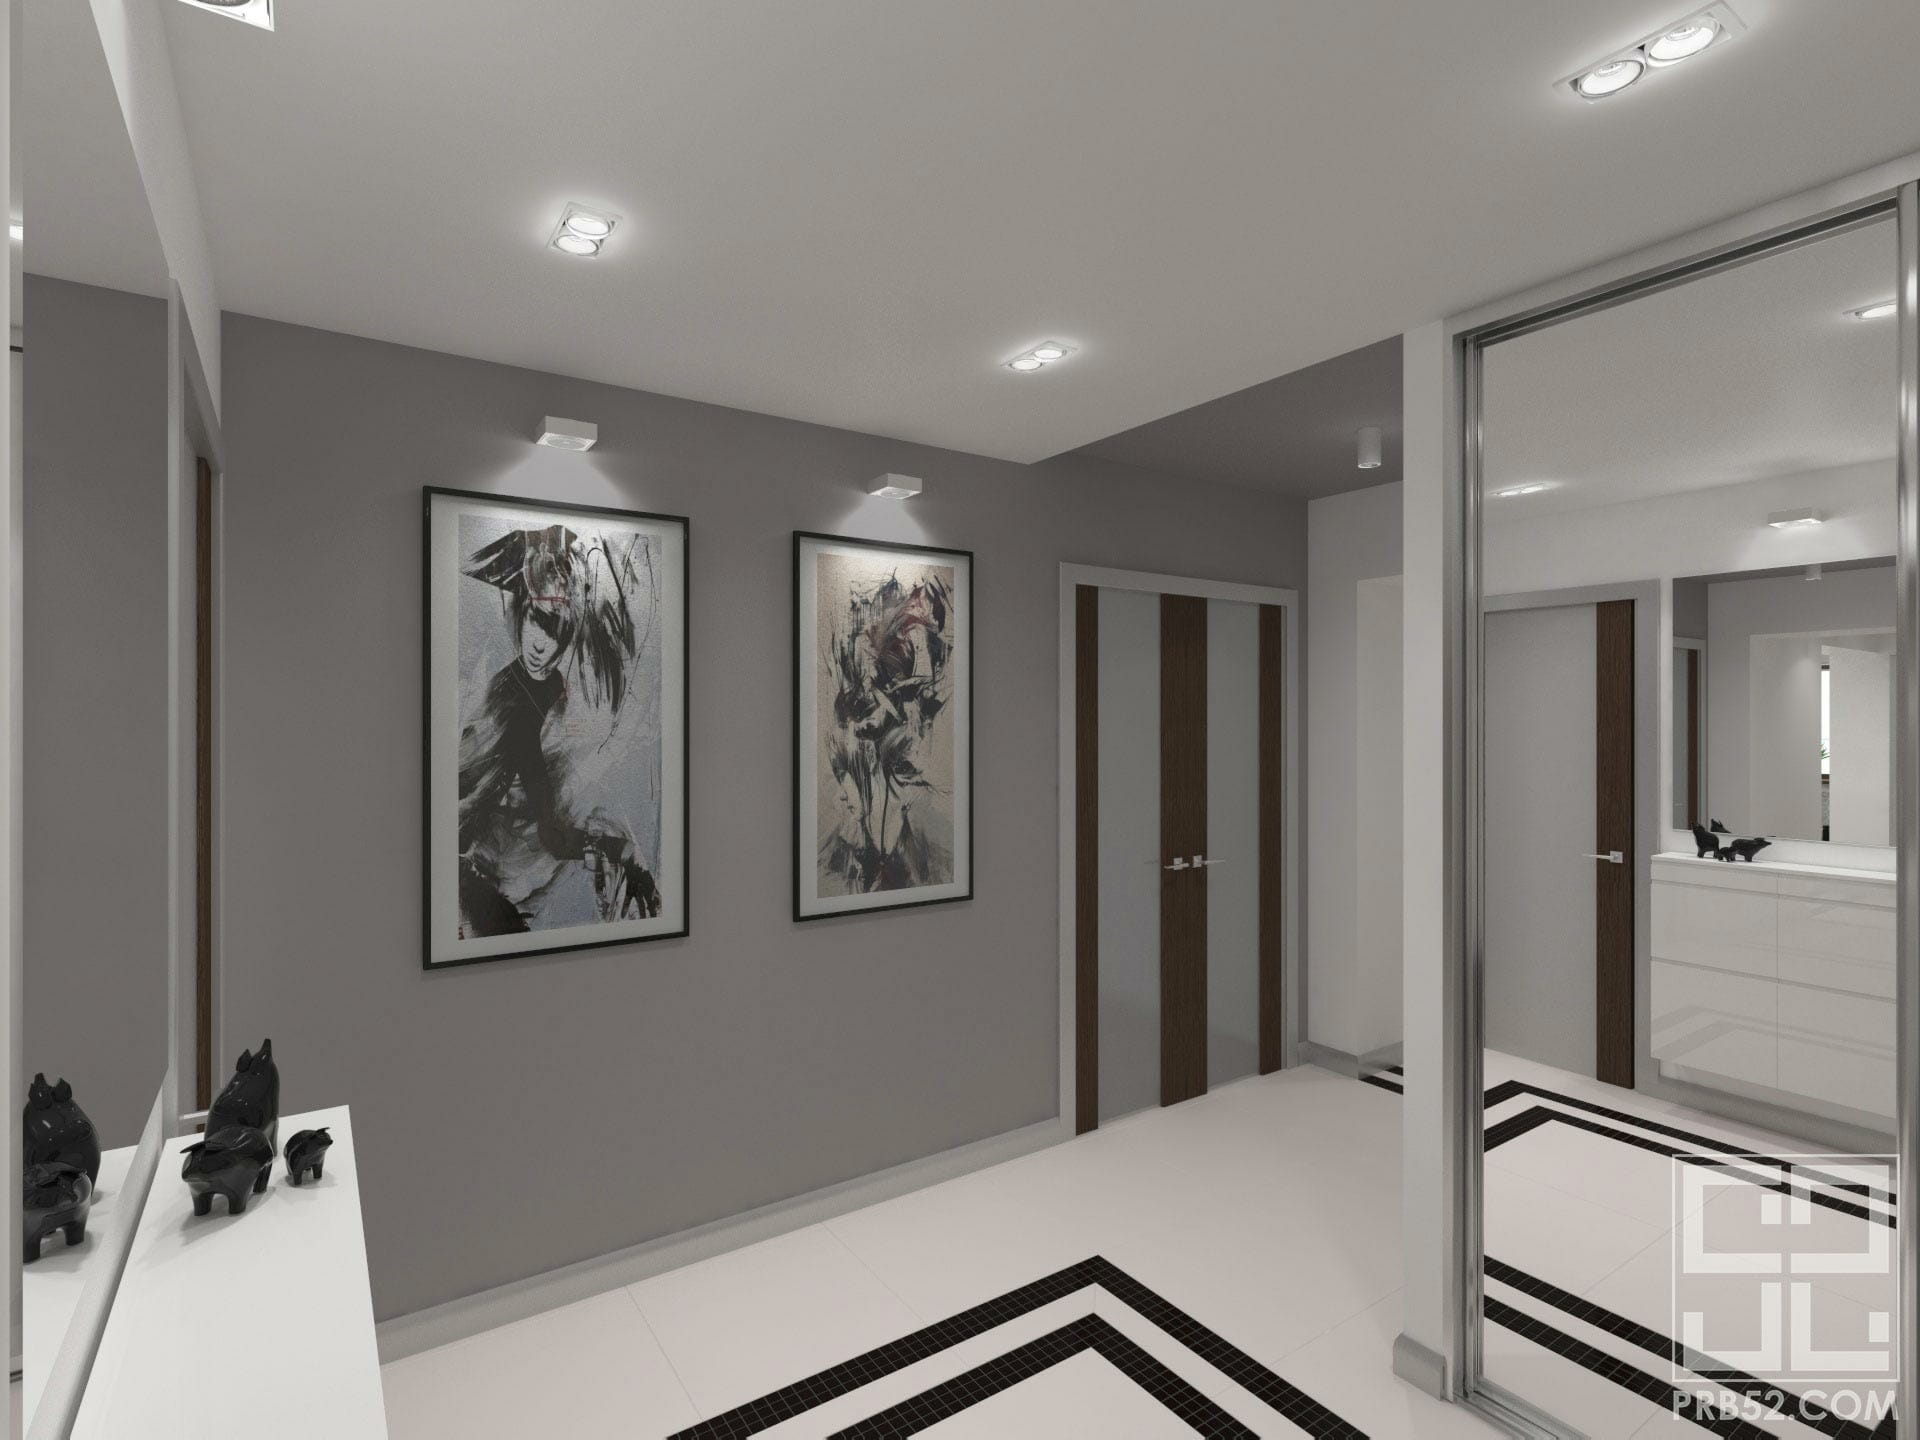 дизайн интерьера прихожей минимализм